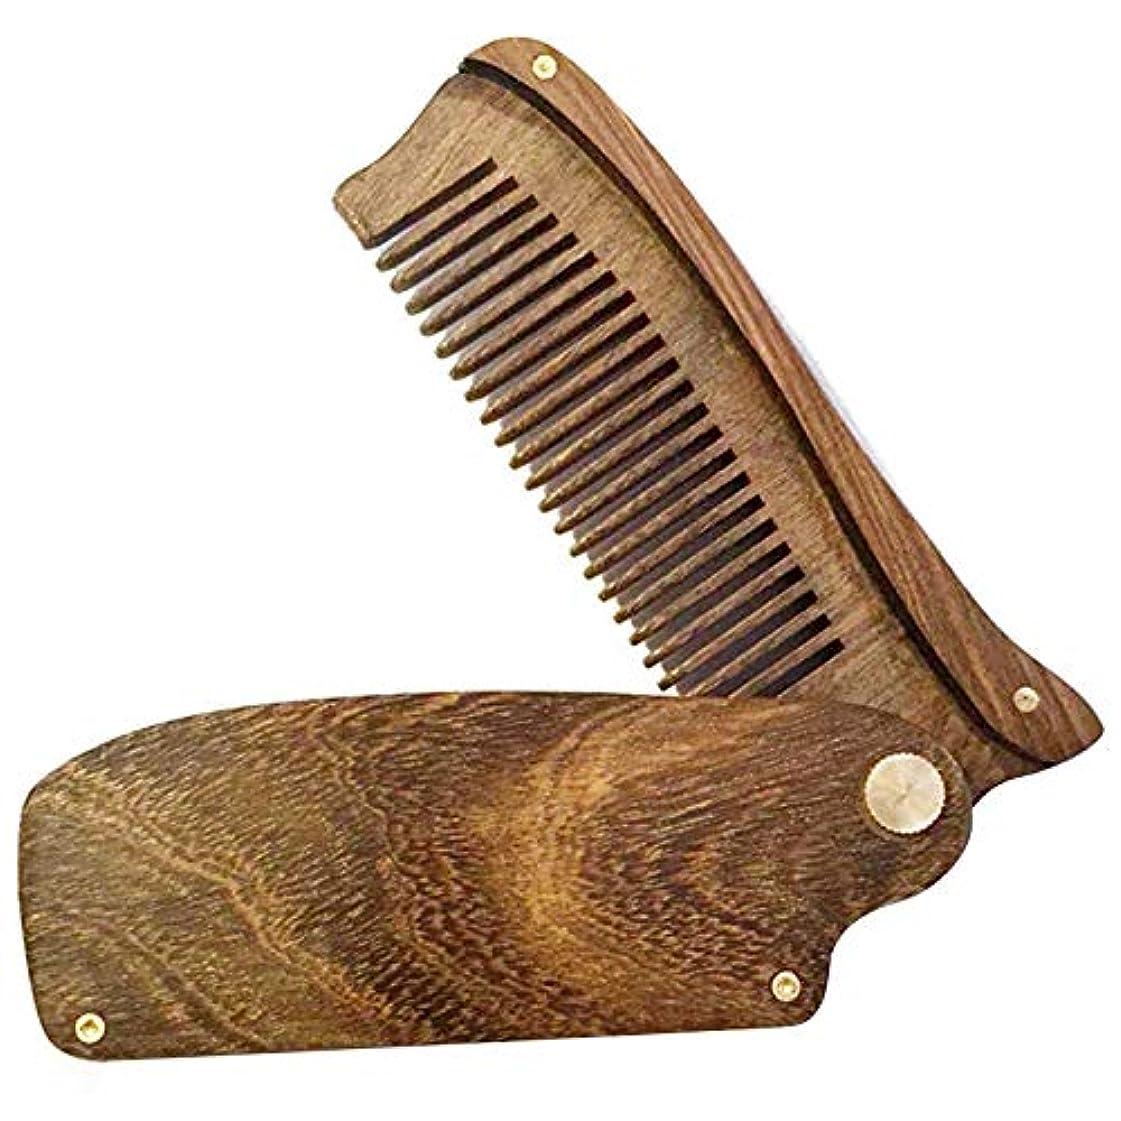 戸棚補償風が強いSODIAL ブラックゴールド?サンダルウッド メンズ 折りたたみコーム ポータブル木製コーム サンダルウッド ひげ形状のくし